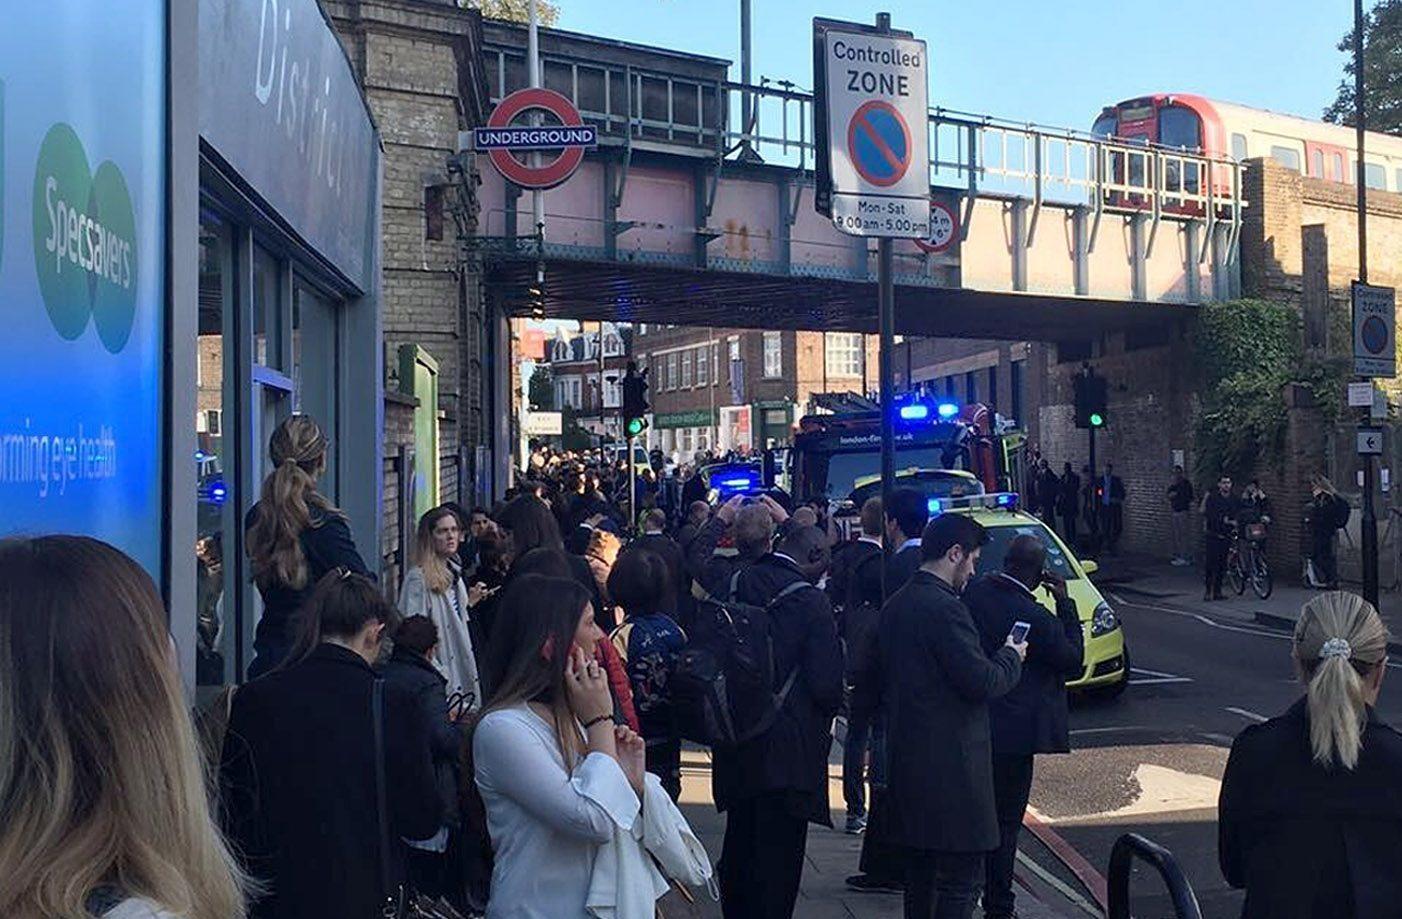 The scene in London